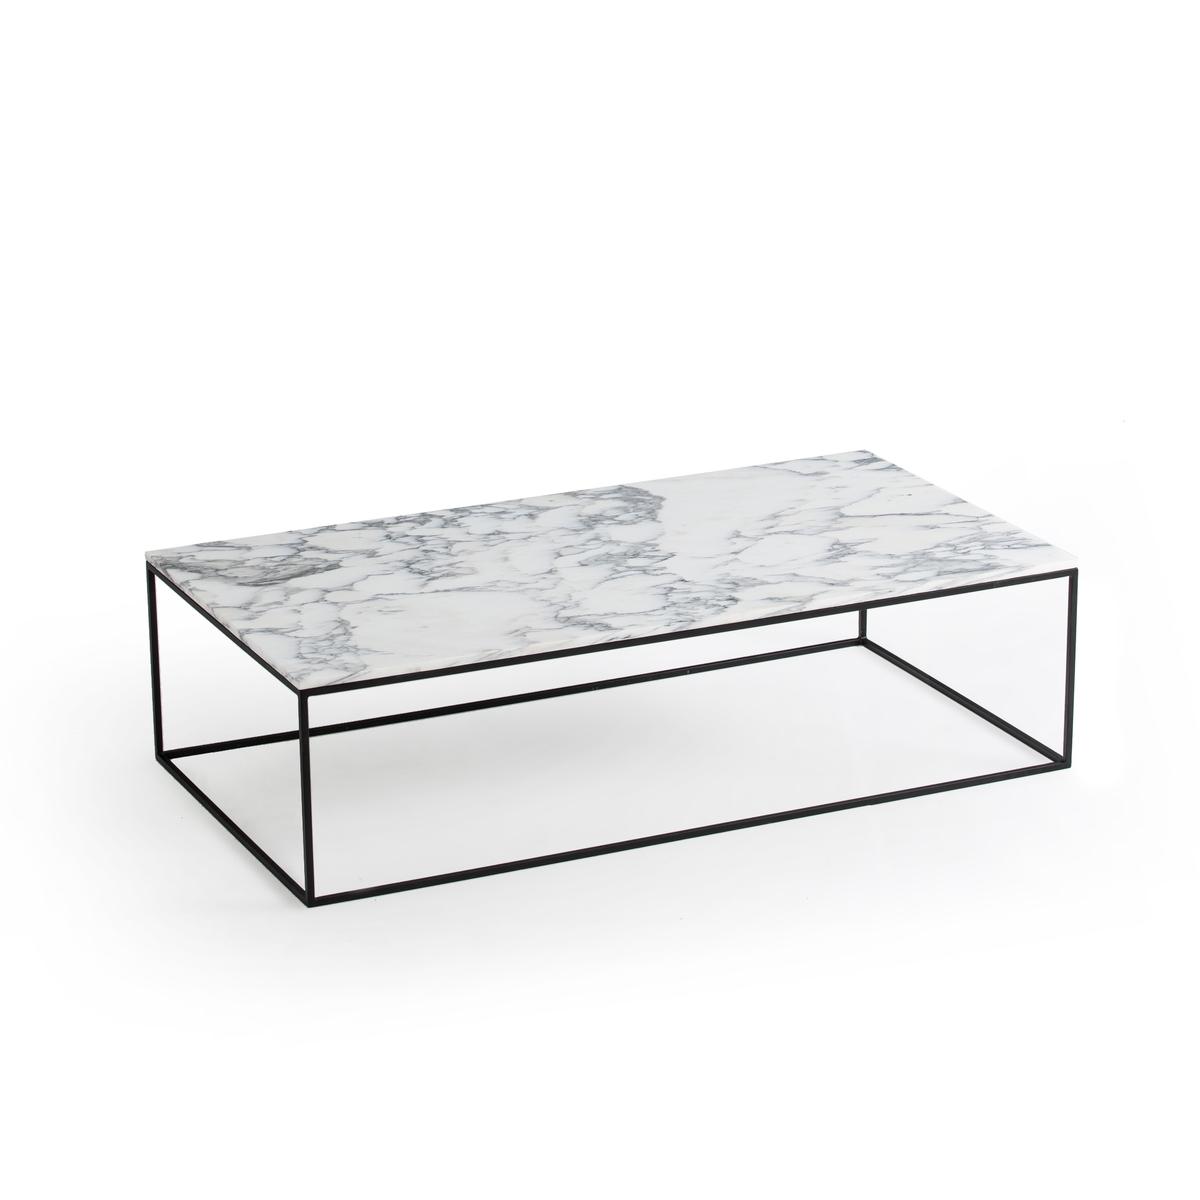 Стол LaRedoute Журнальный прямоугольный черный металл и мрамор Mahaut единый размер белый